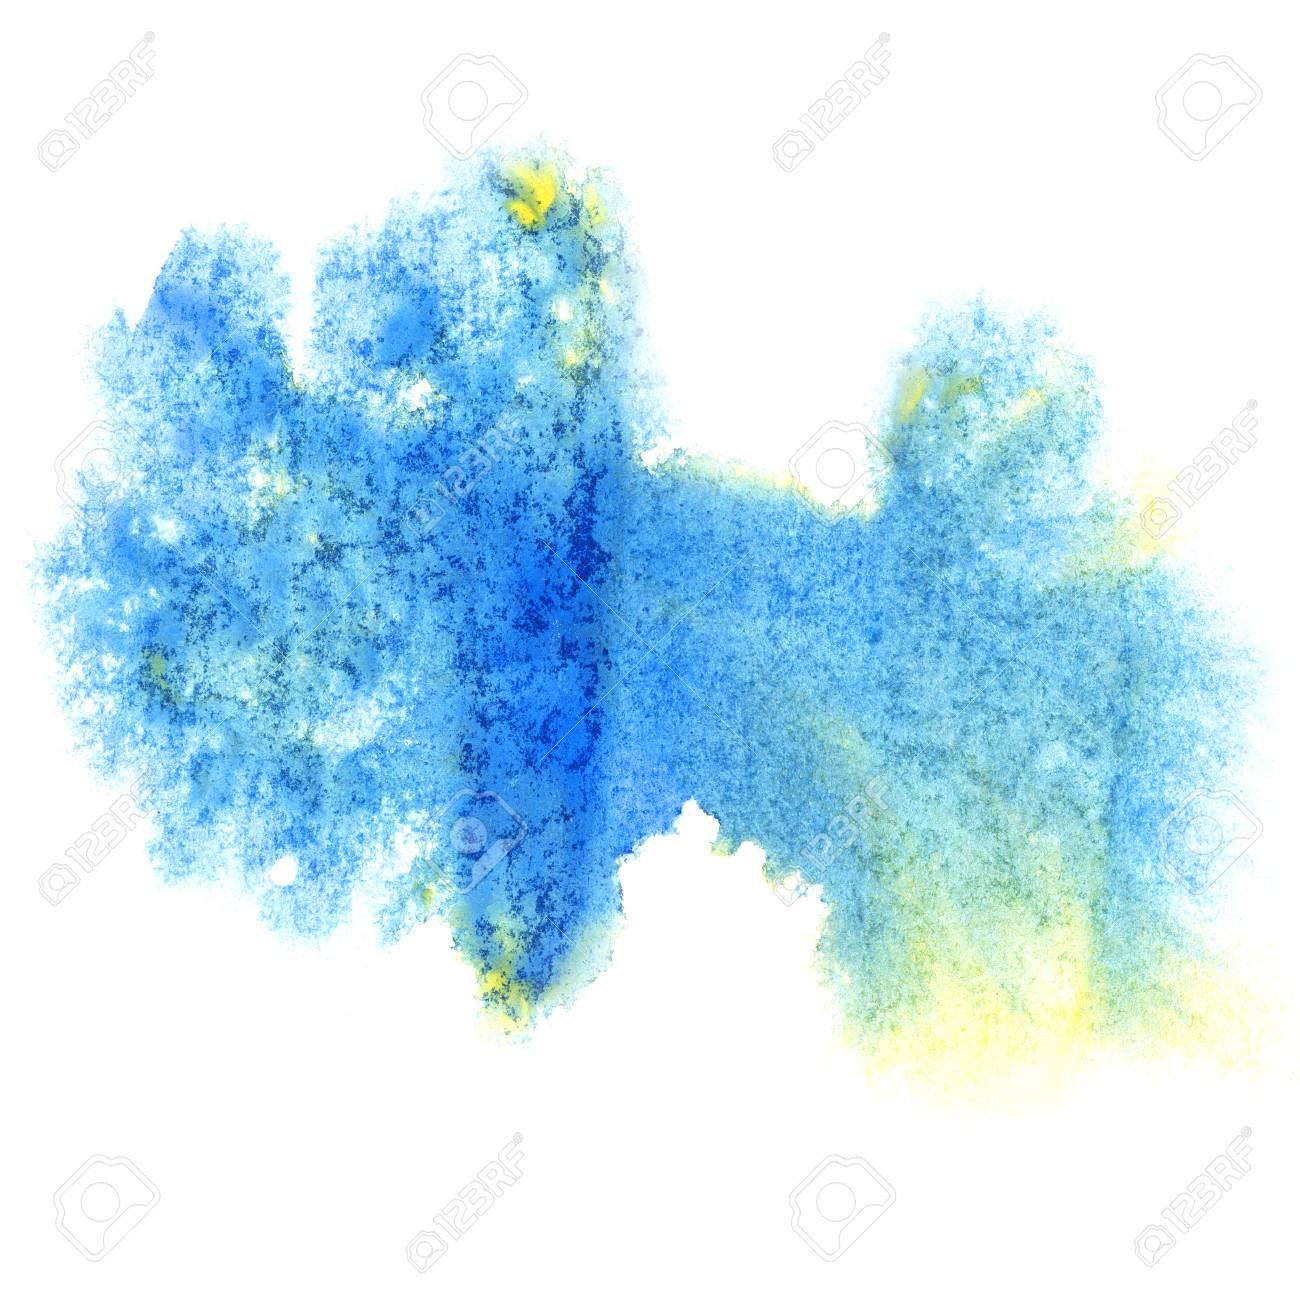 peinture bleu splash couleur encre aquarelle isolé accident